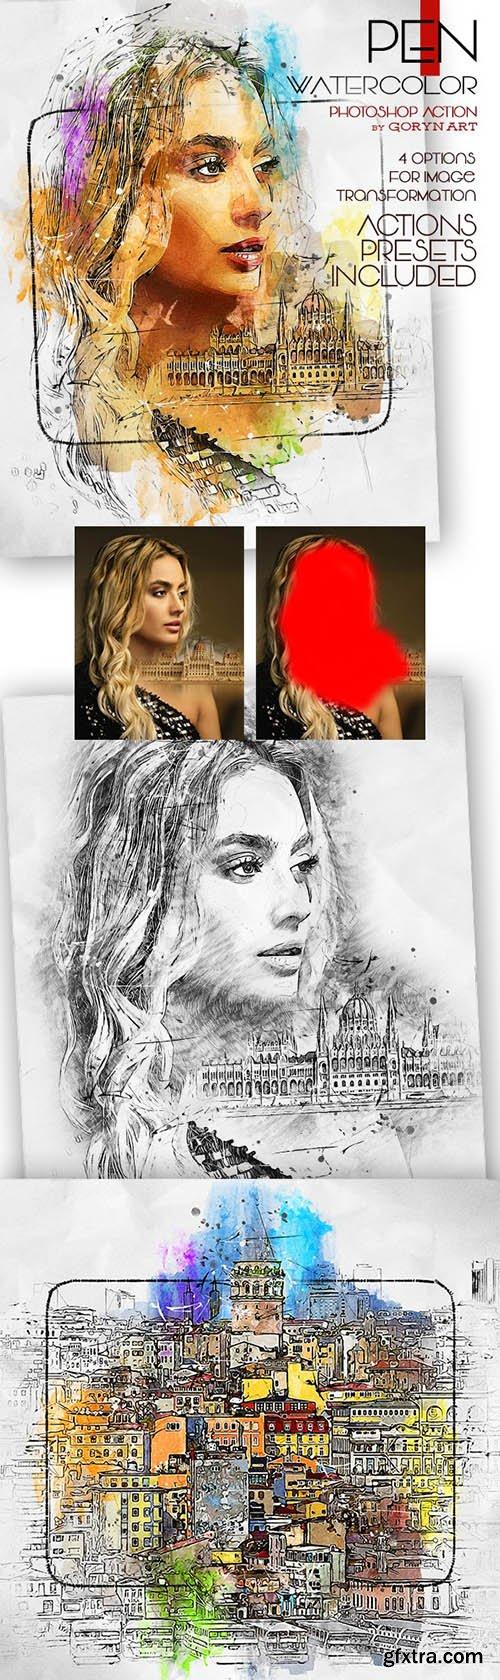 GraphicRiver - Pen Watercolor Photoshop Action 32930735